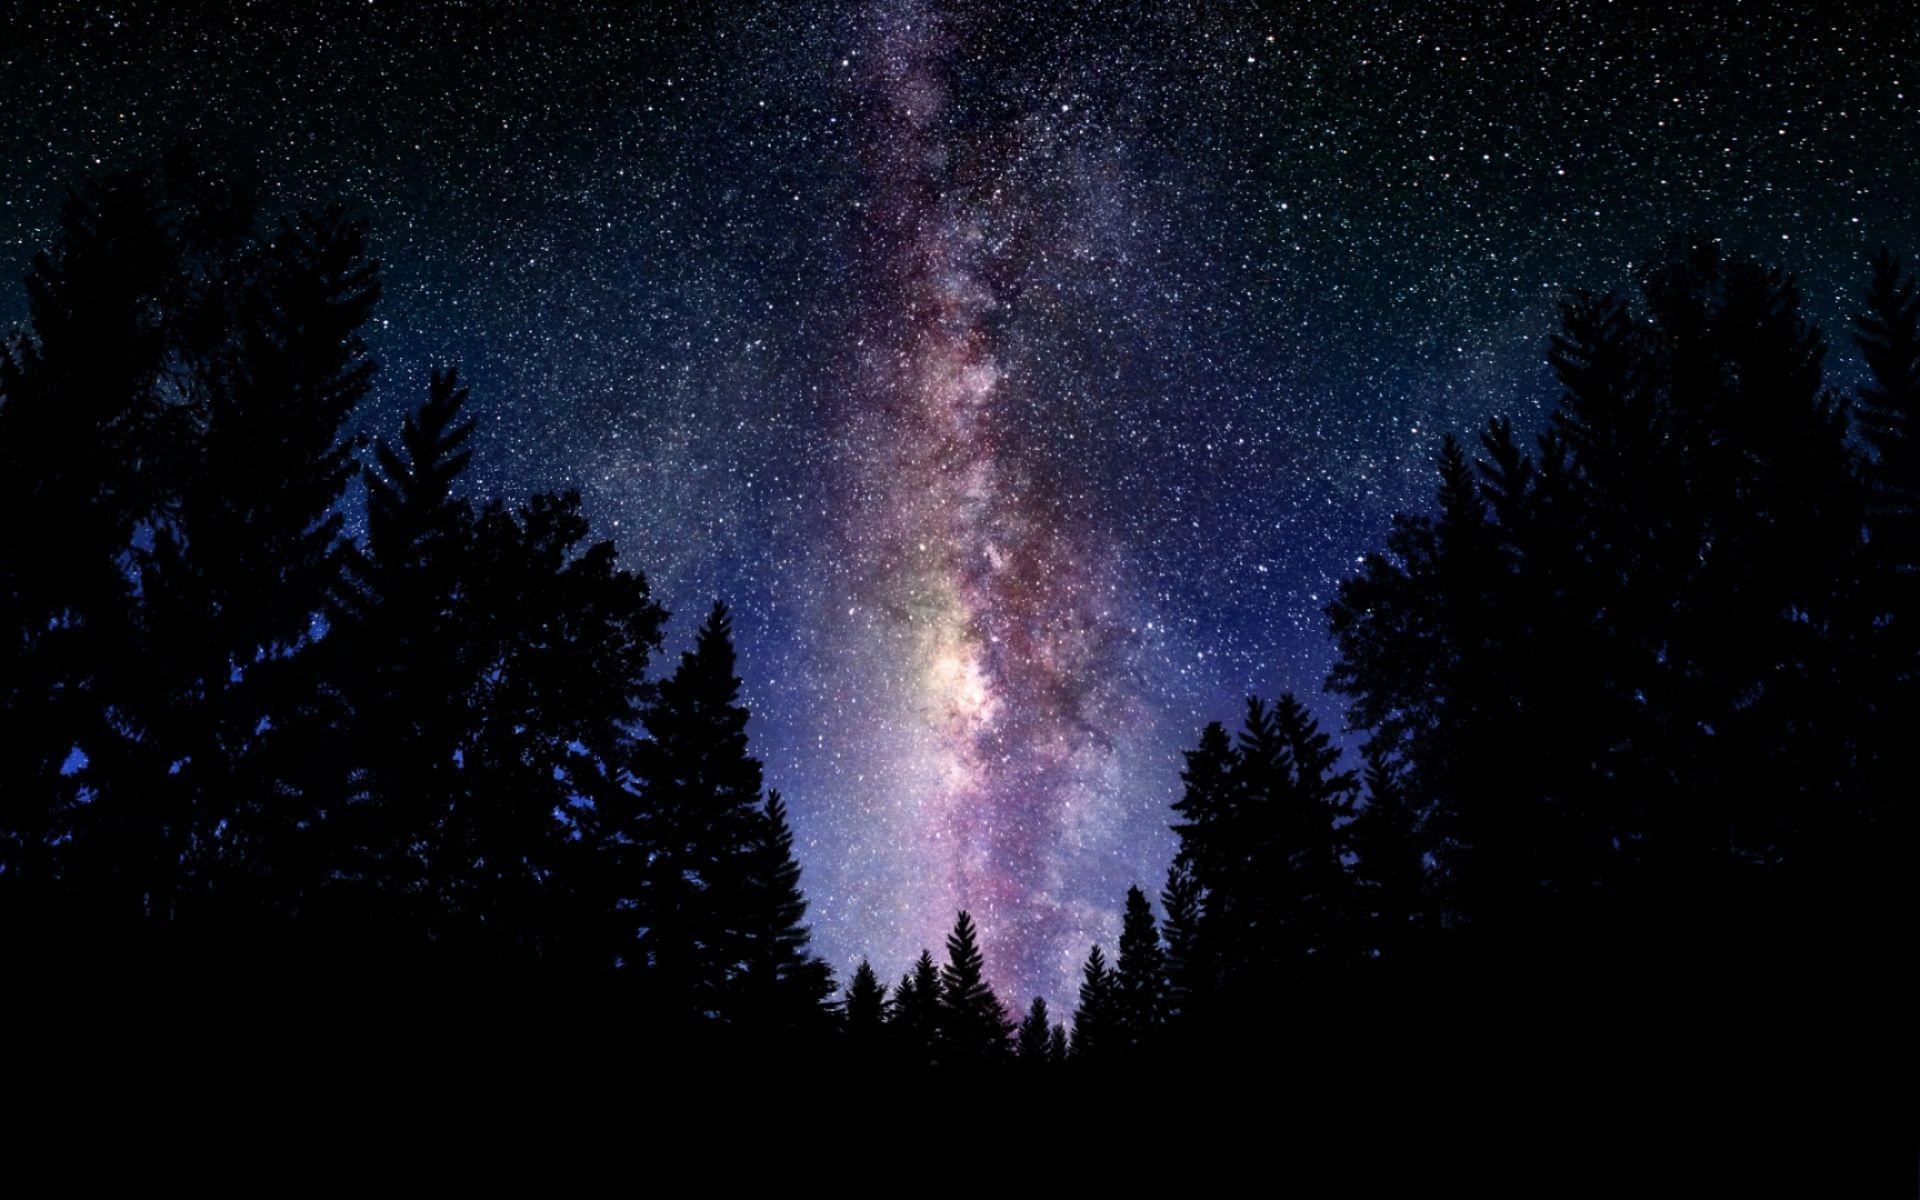 Stars At Night 4k ultra hd pc wallpaper   HD Wallpapers 1920x1200